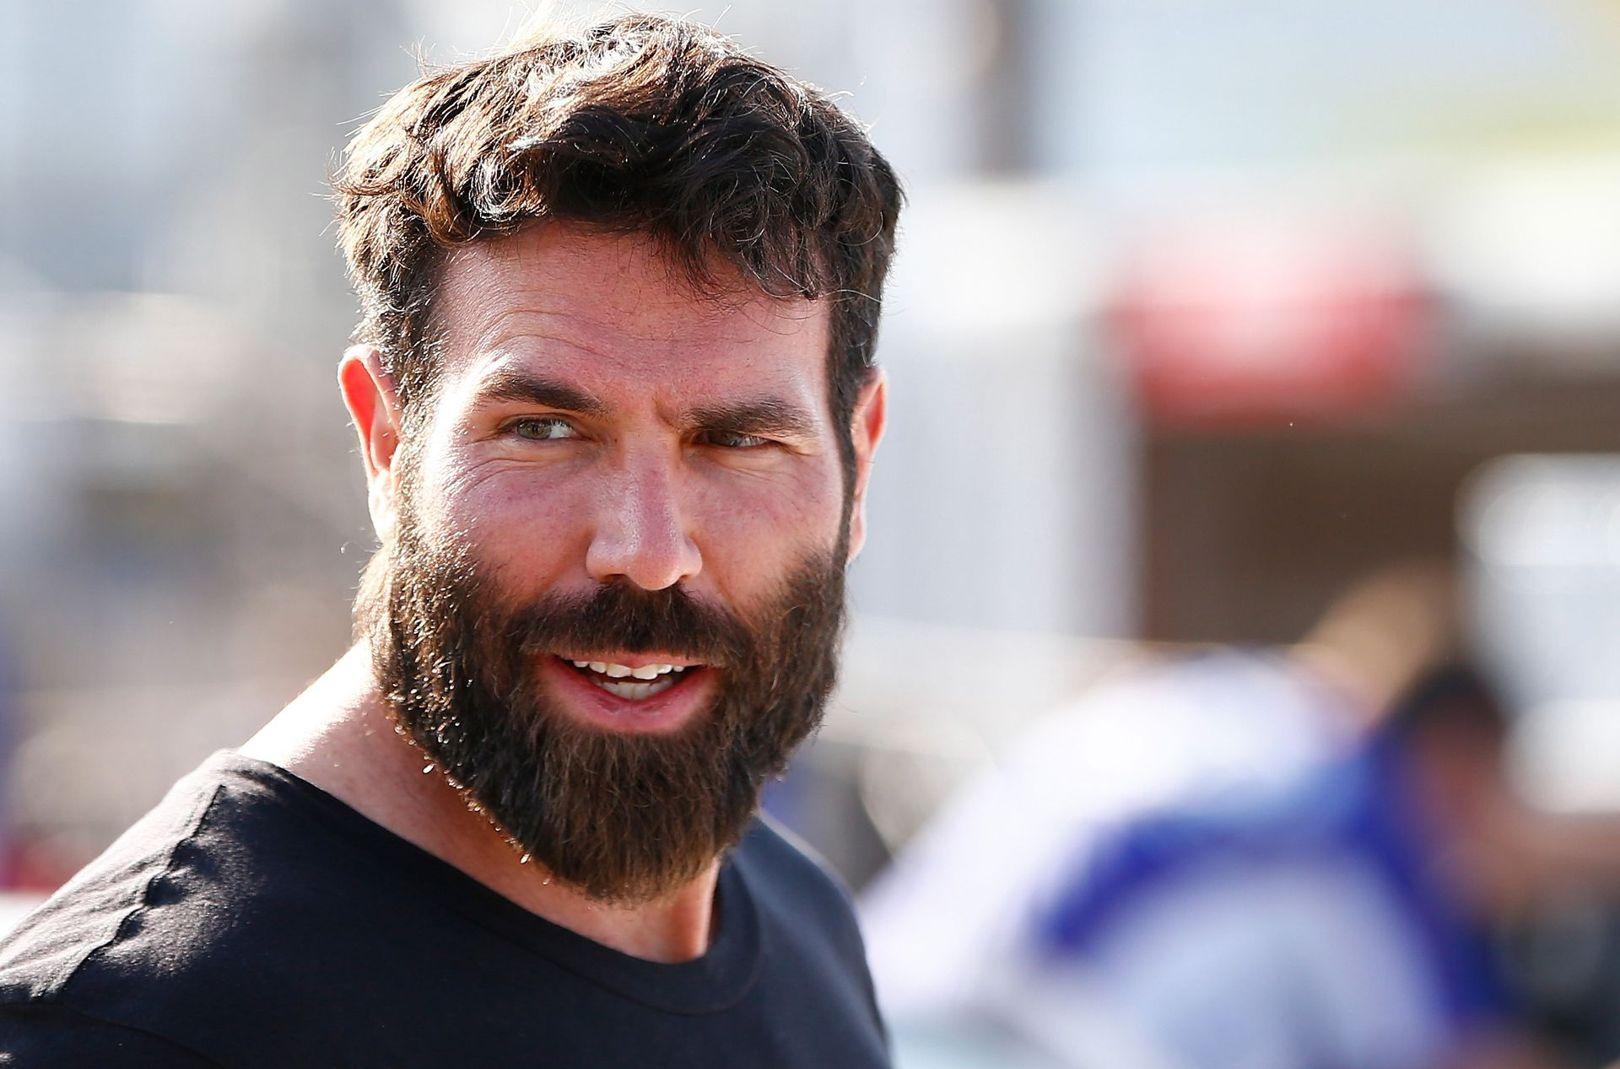 борода мода на бороду не брить хватит гладкое лицо полярник ортодоксальный верующий тебе идет 3 причины не носить бороду материалы отвратительные мужики